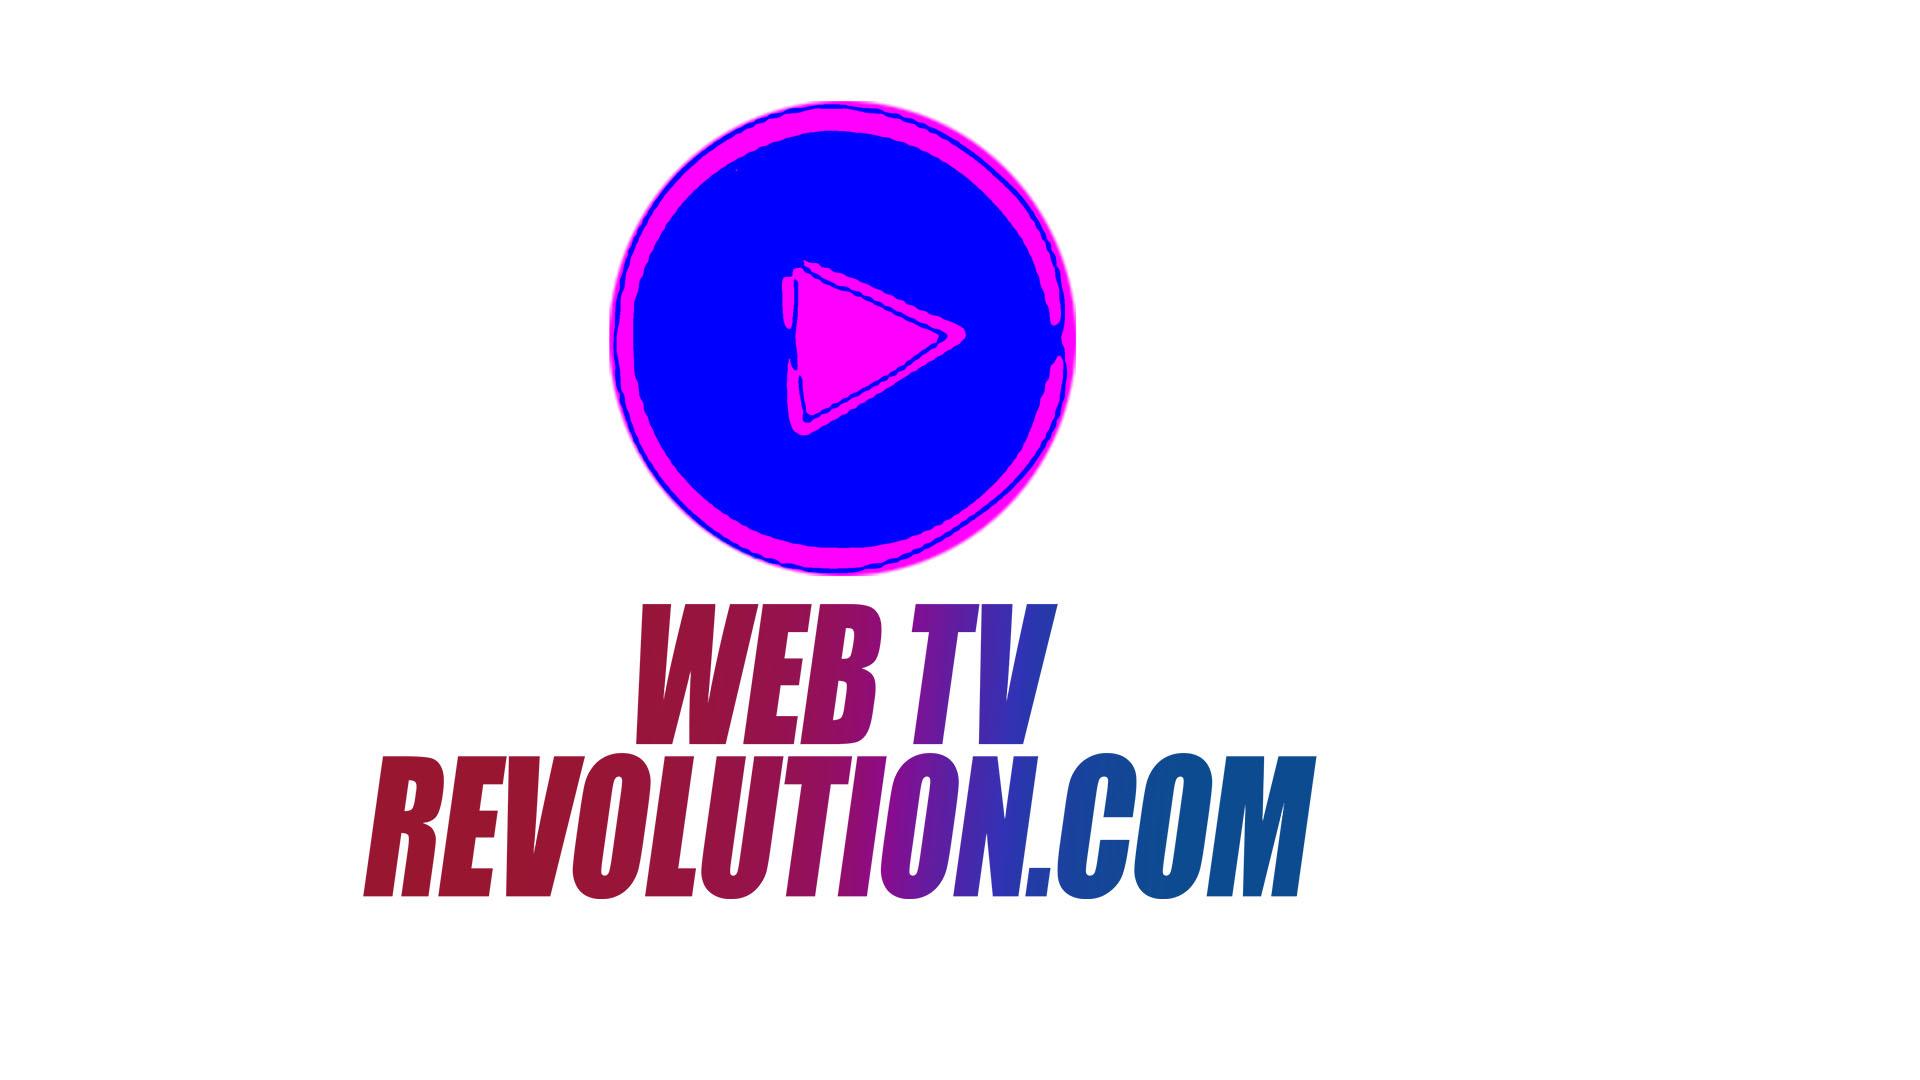 Web TV Revolution